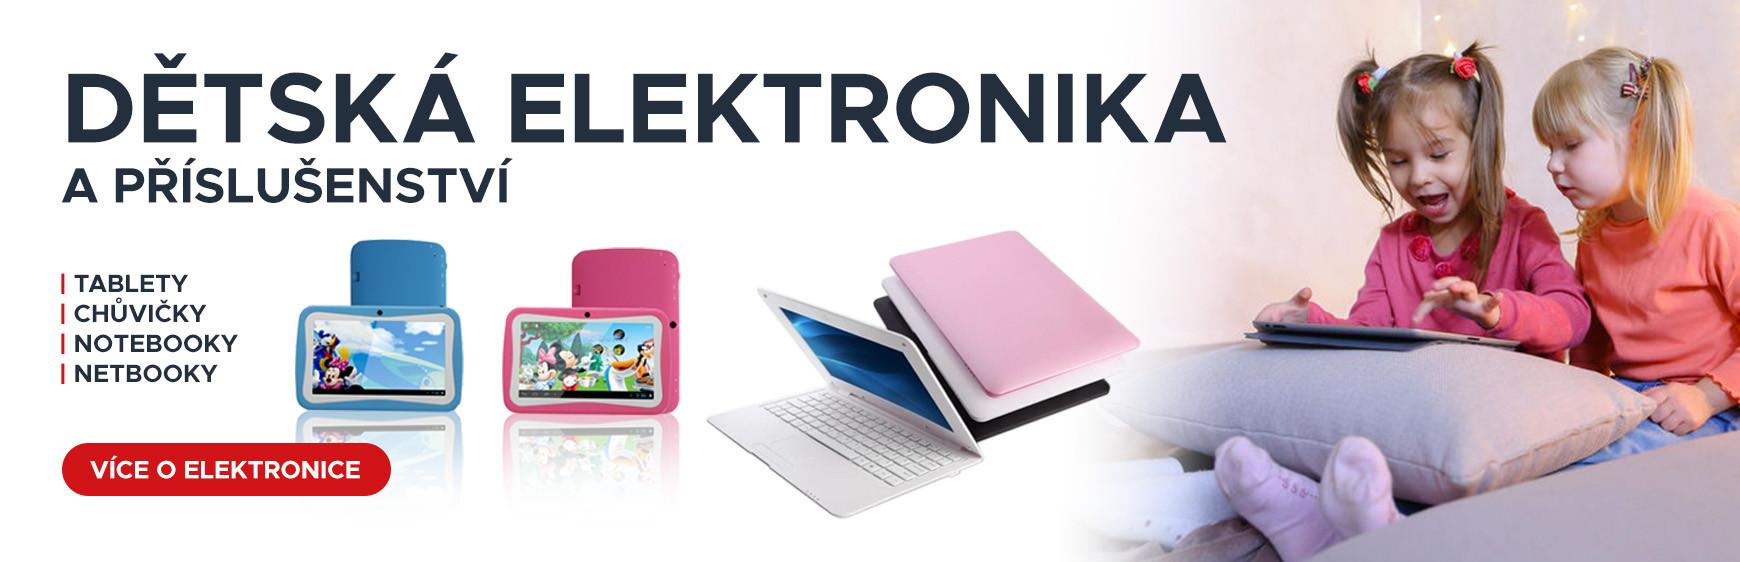 Elektronika dla dzieci